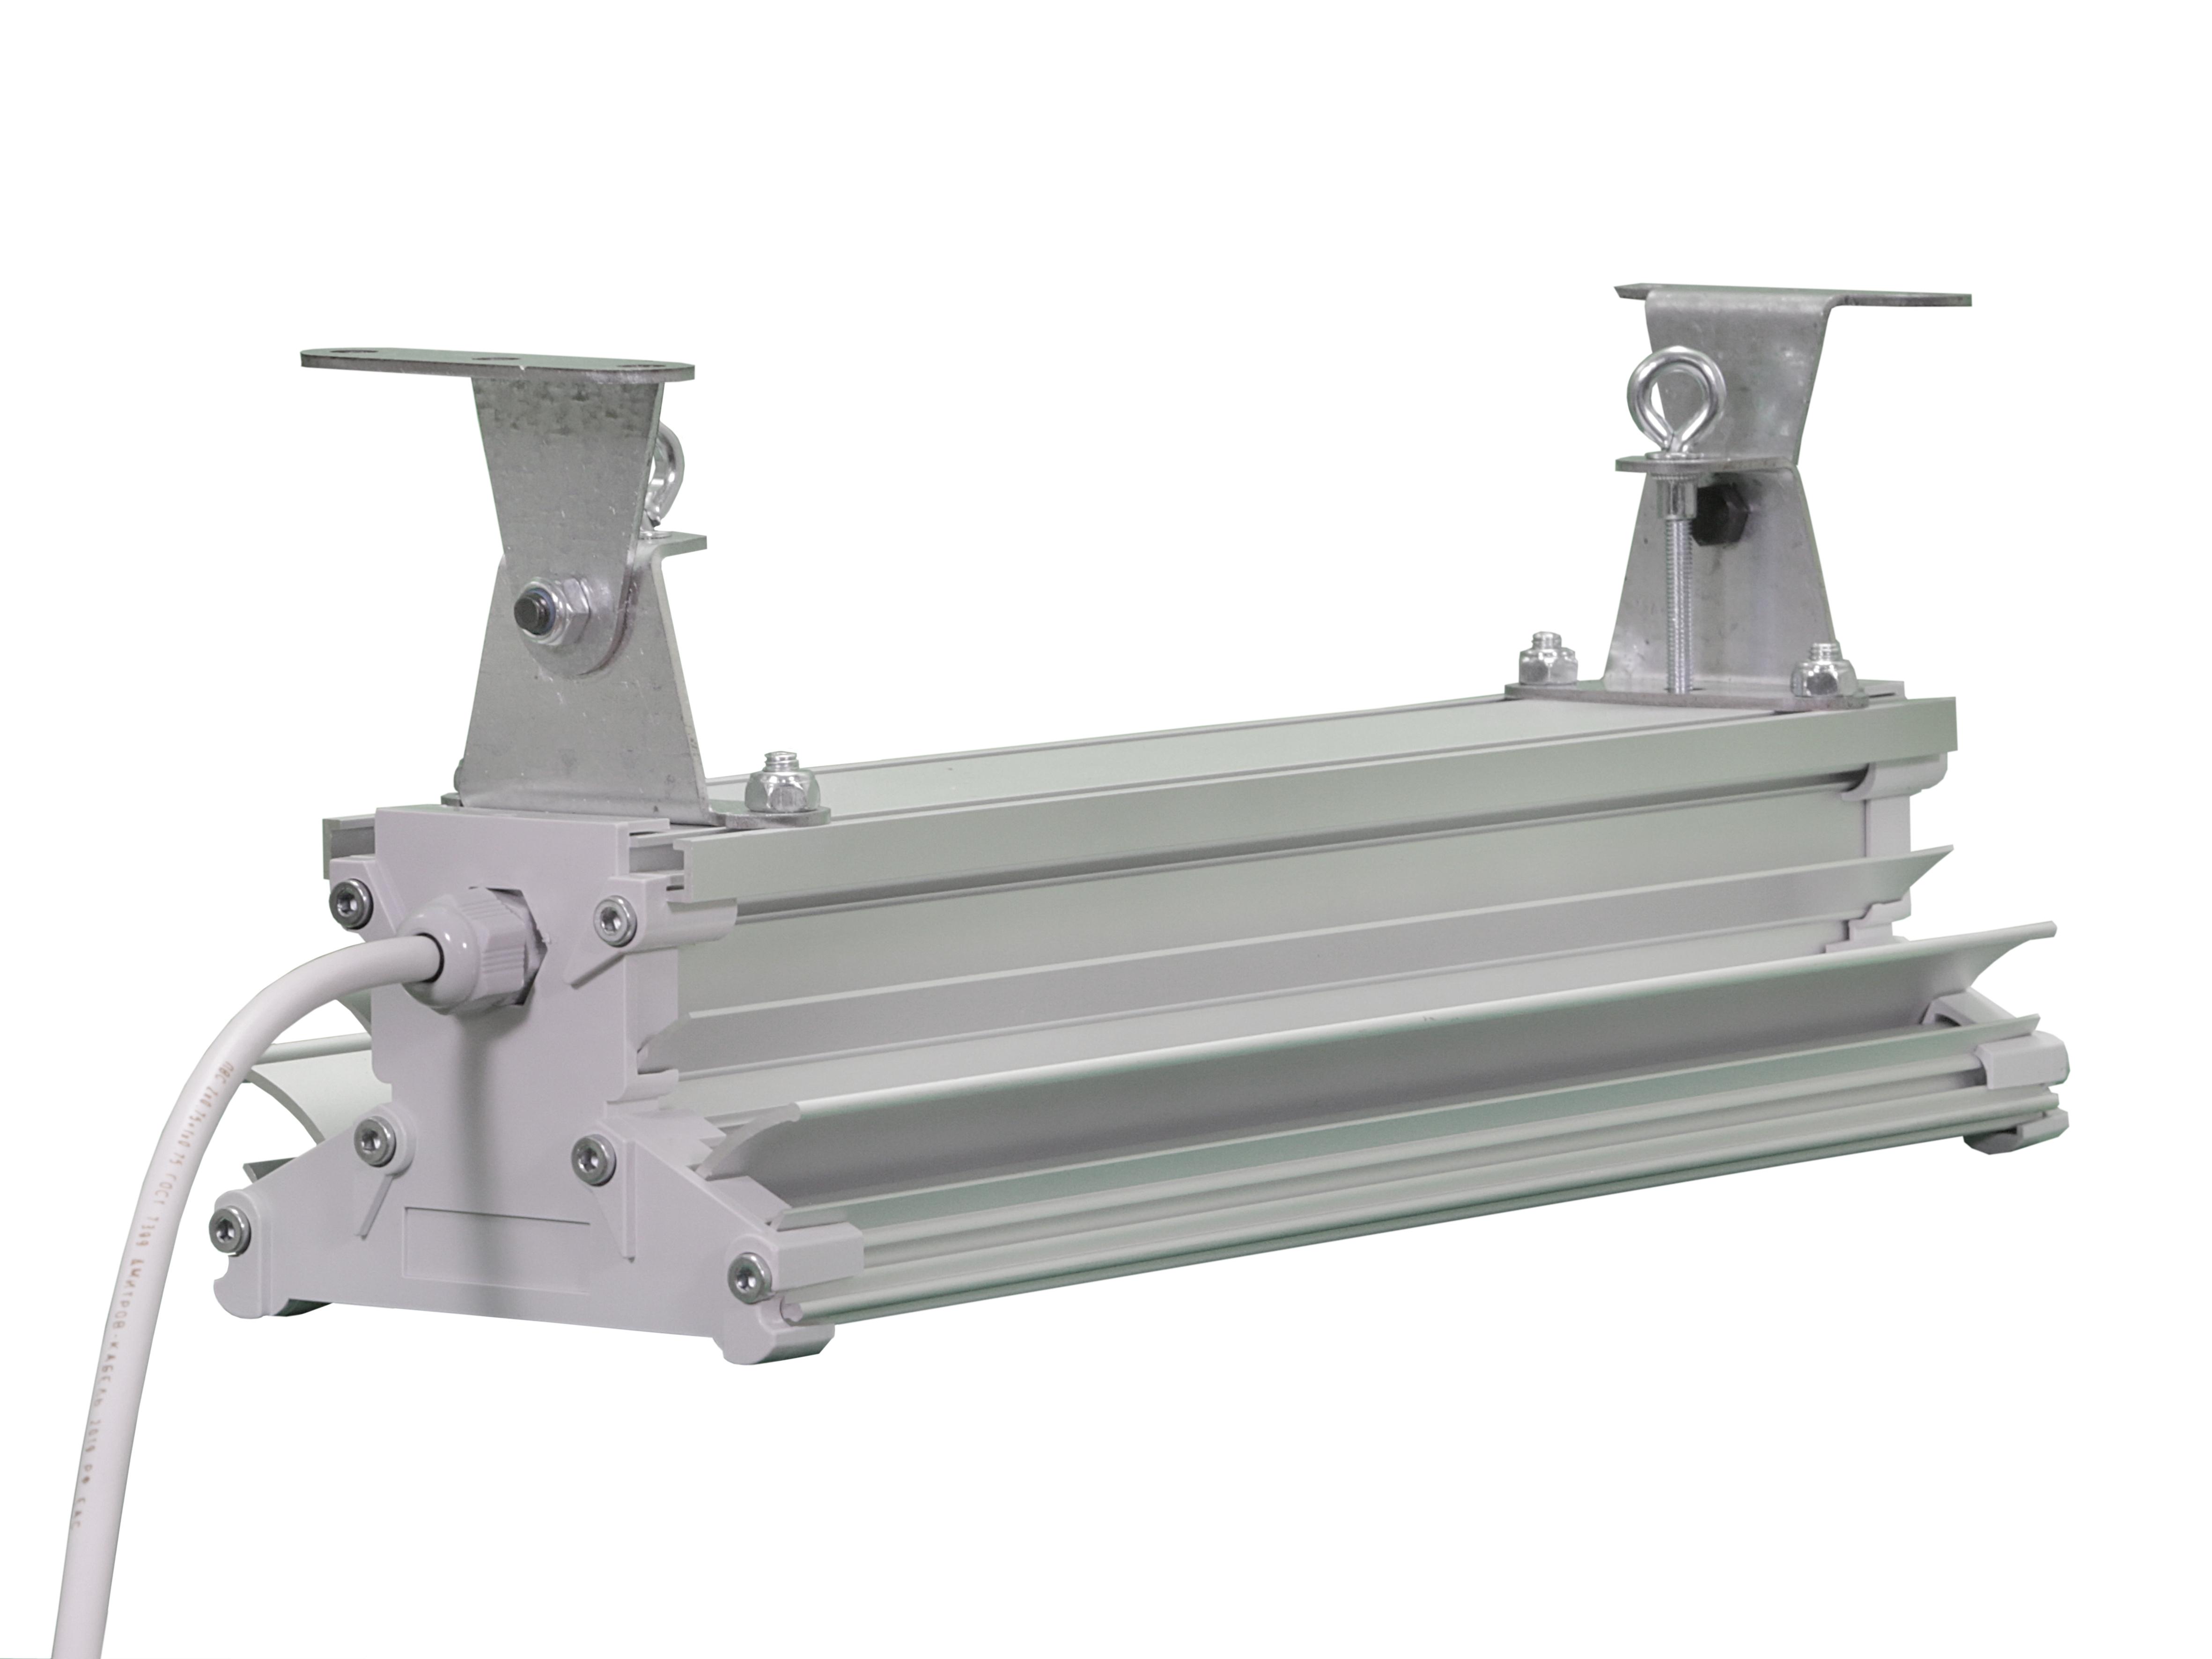 Офисный светодиодный светильник Айсберг Мини Премиум-20 20Вт 2626Лм